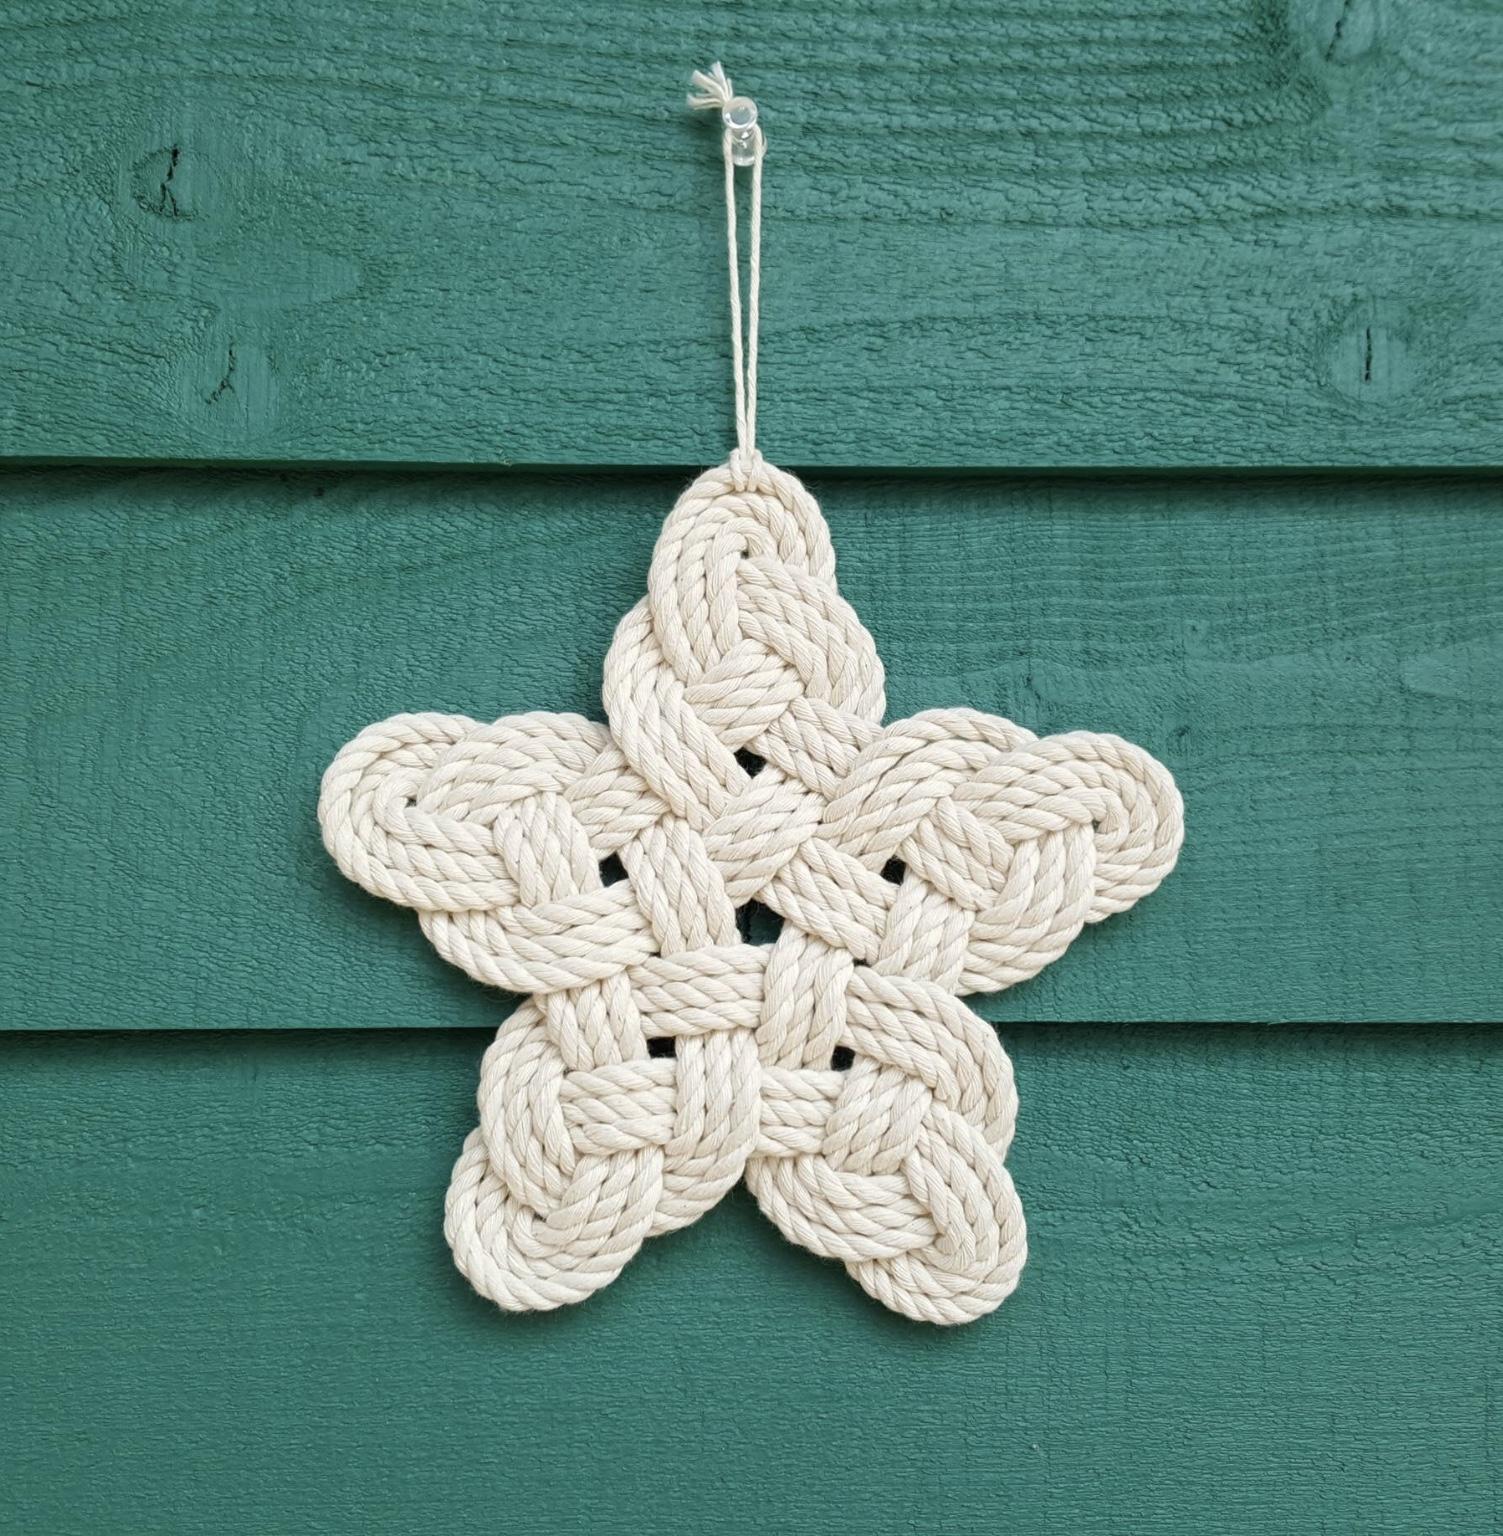 Cette remarquable étoile décorative en nœud de coton clair a attiré mon attention. Accrochée au mur, elle peut aussi servir de diffuseur à huile essentielle en y ajoutant quelques gouttes aromatiques qui embaumeront la maison.